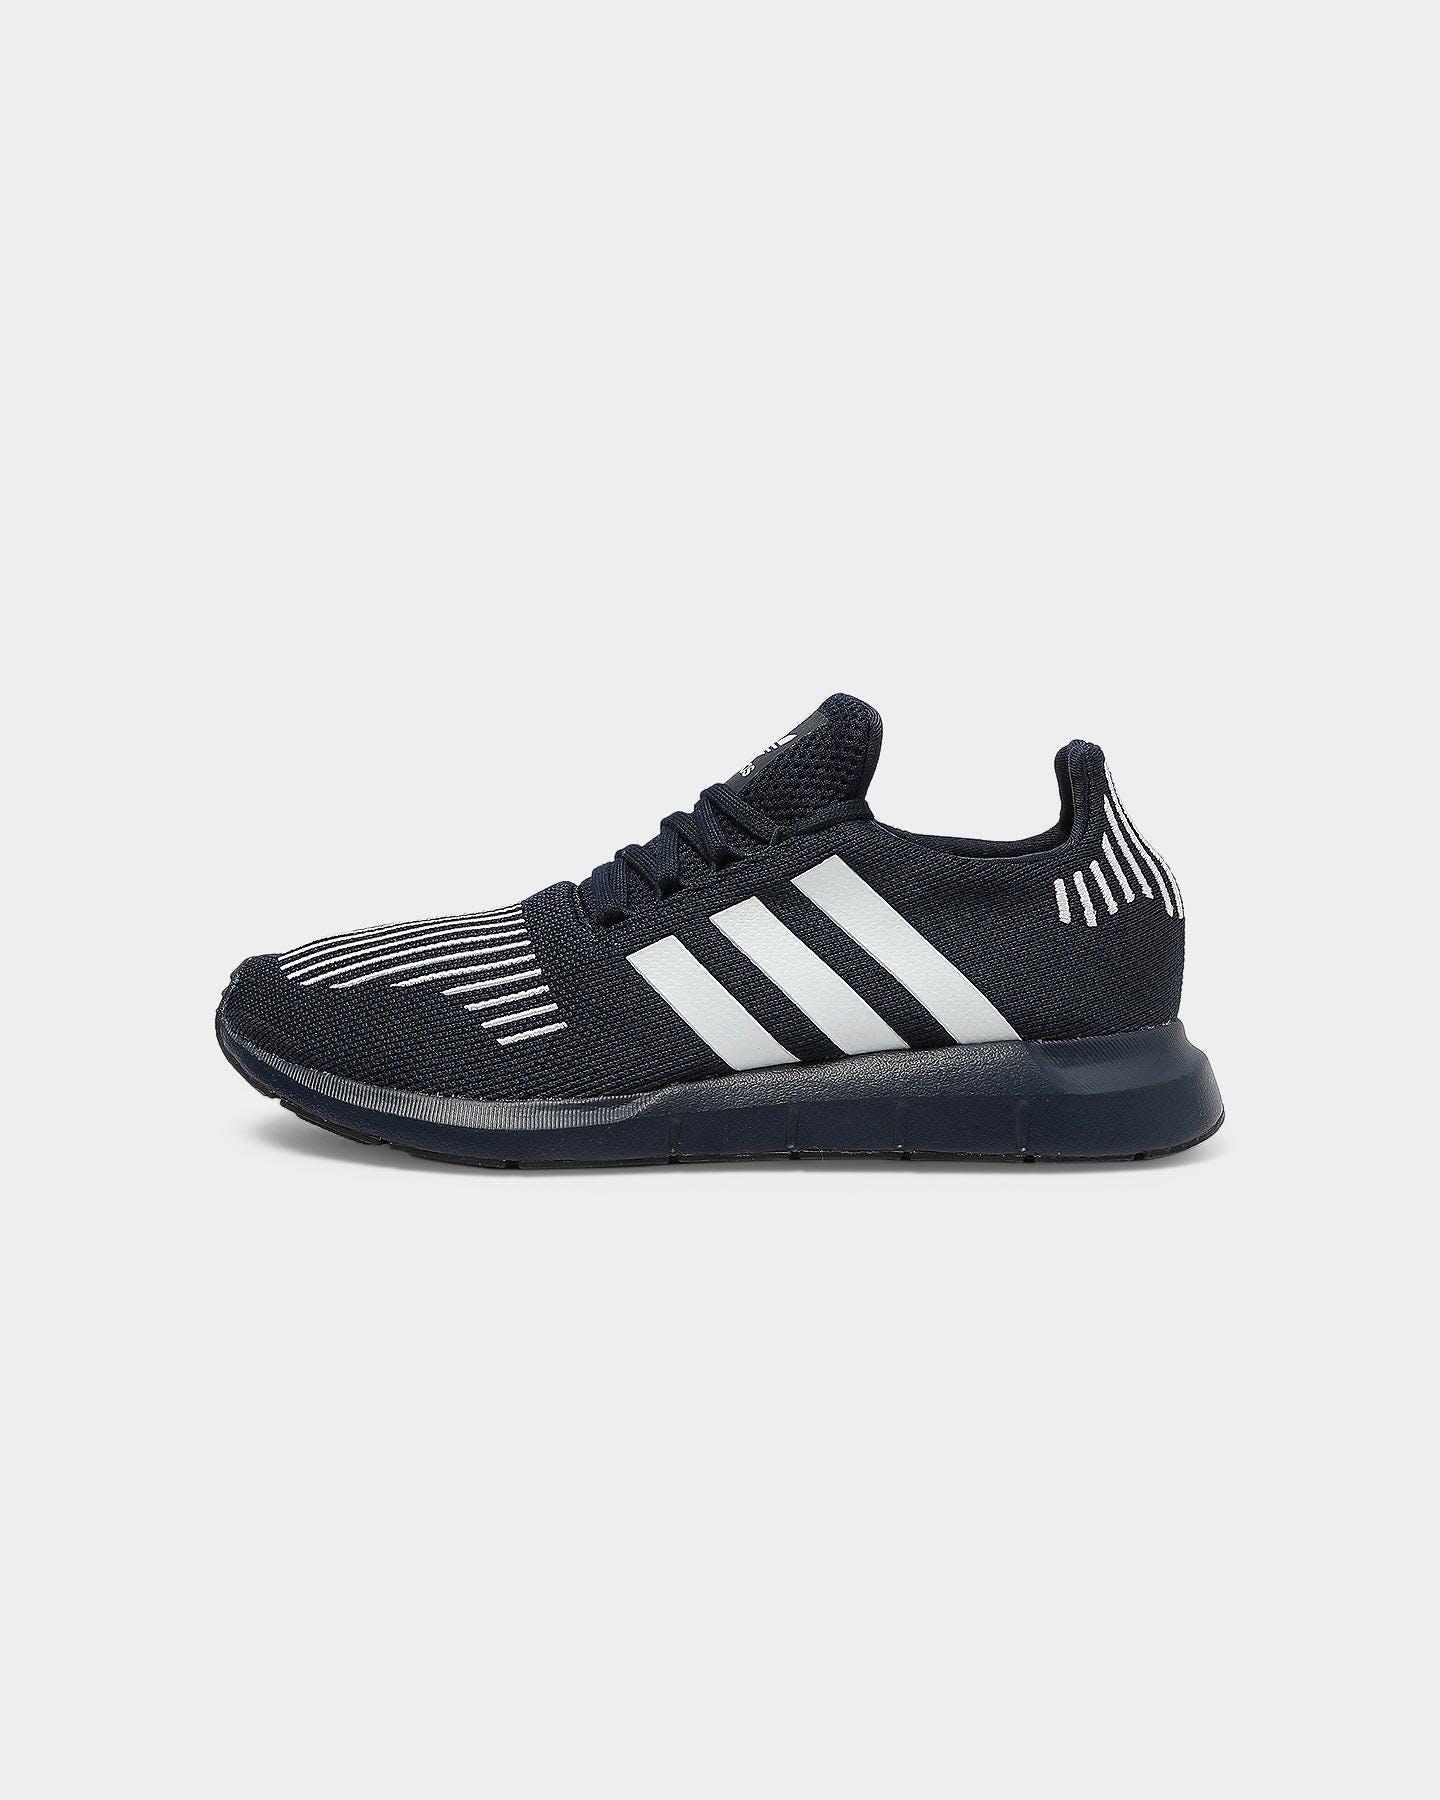 Énfasis escapar satisfacción  Adidas Swift Run/Navy/White/Black | Culture Kings US